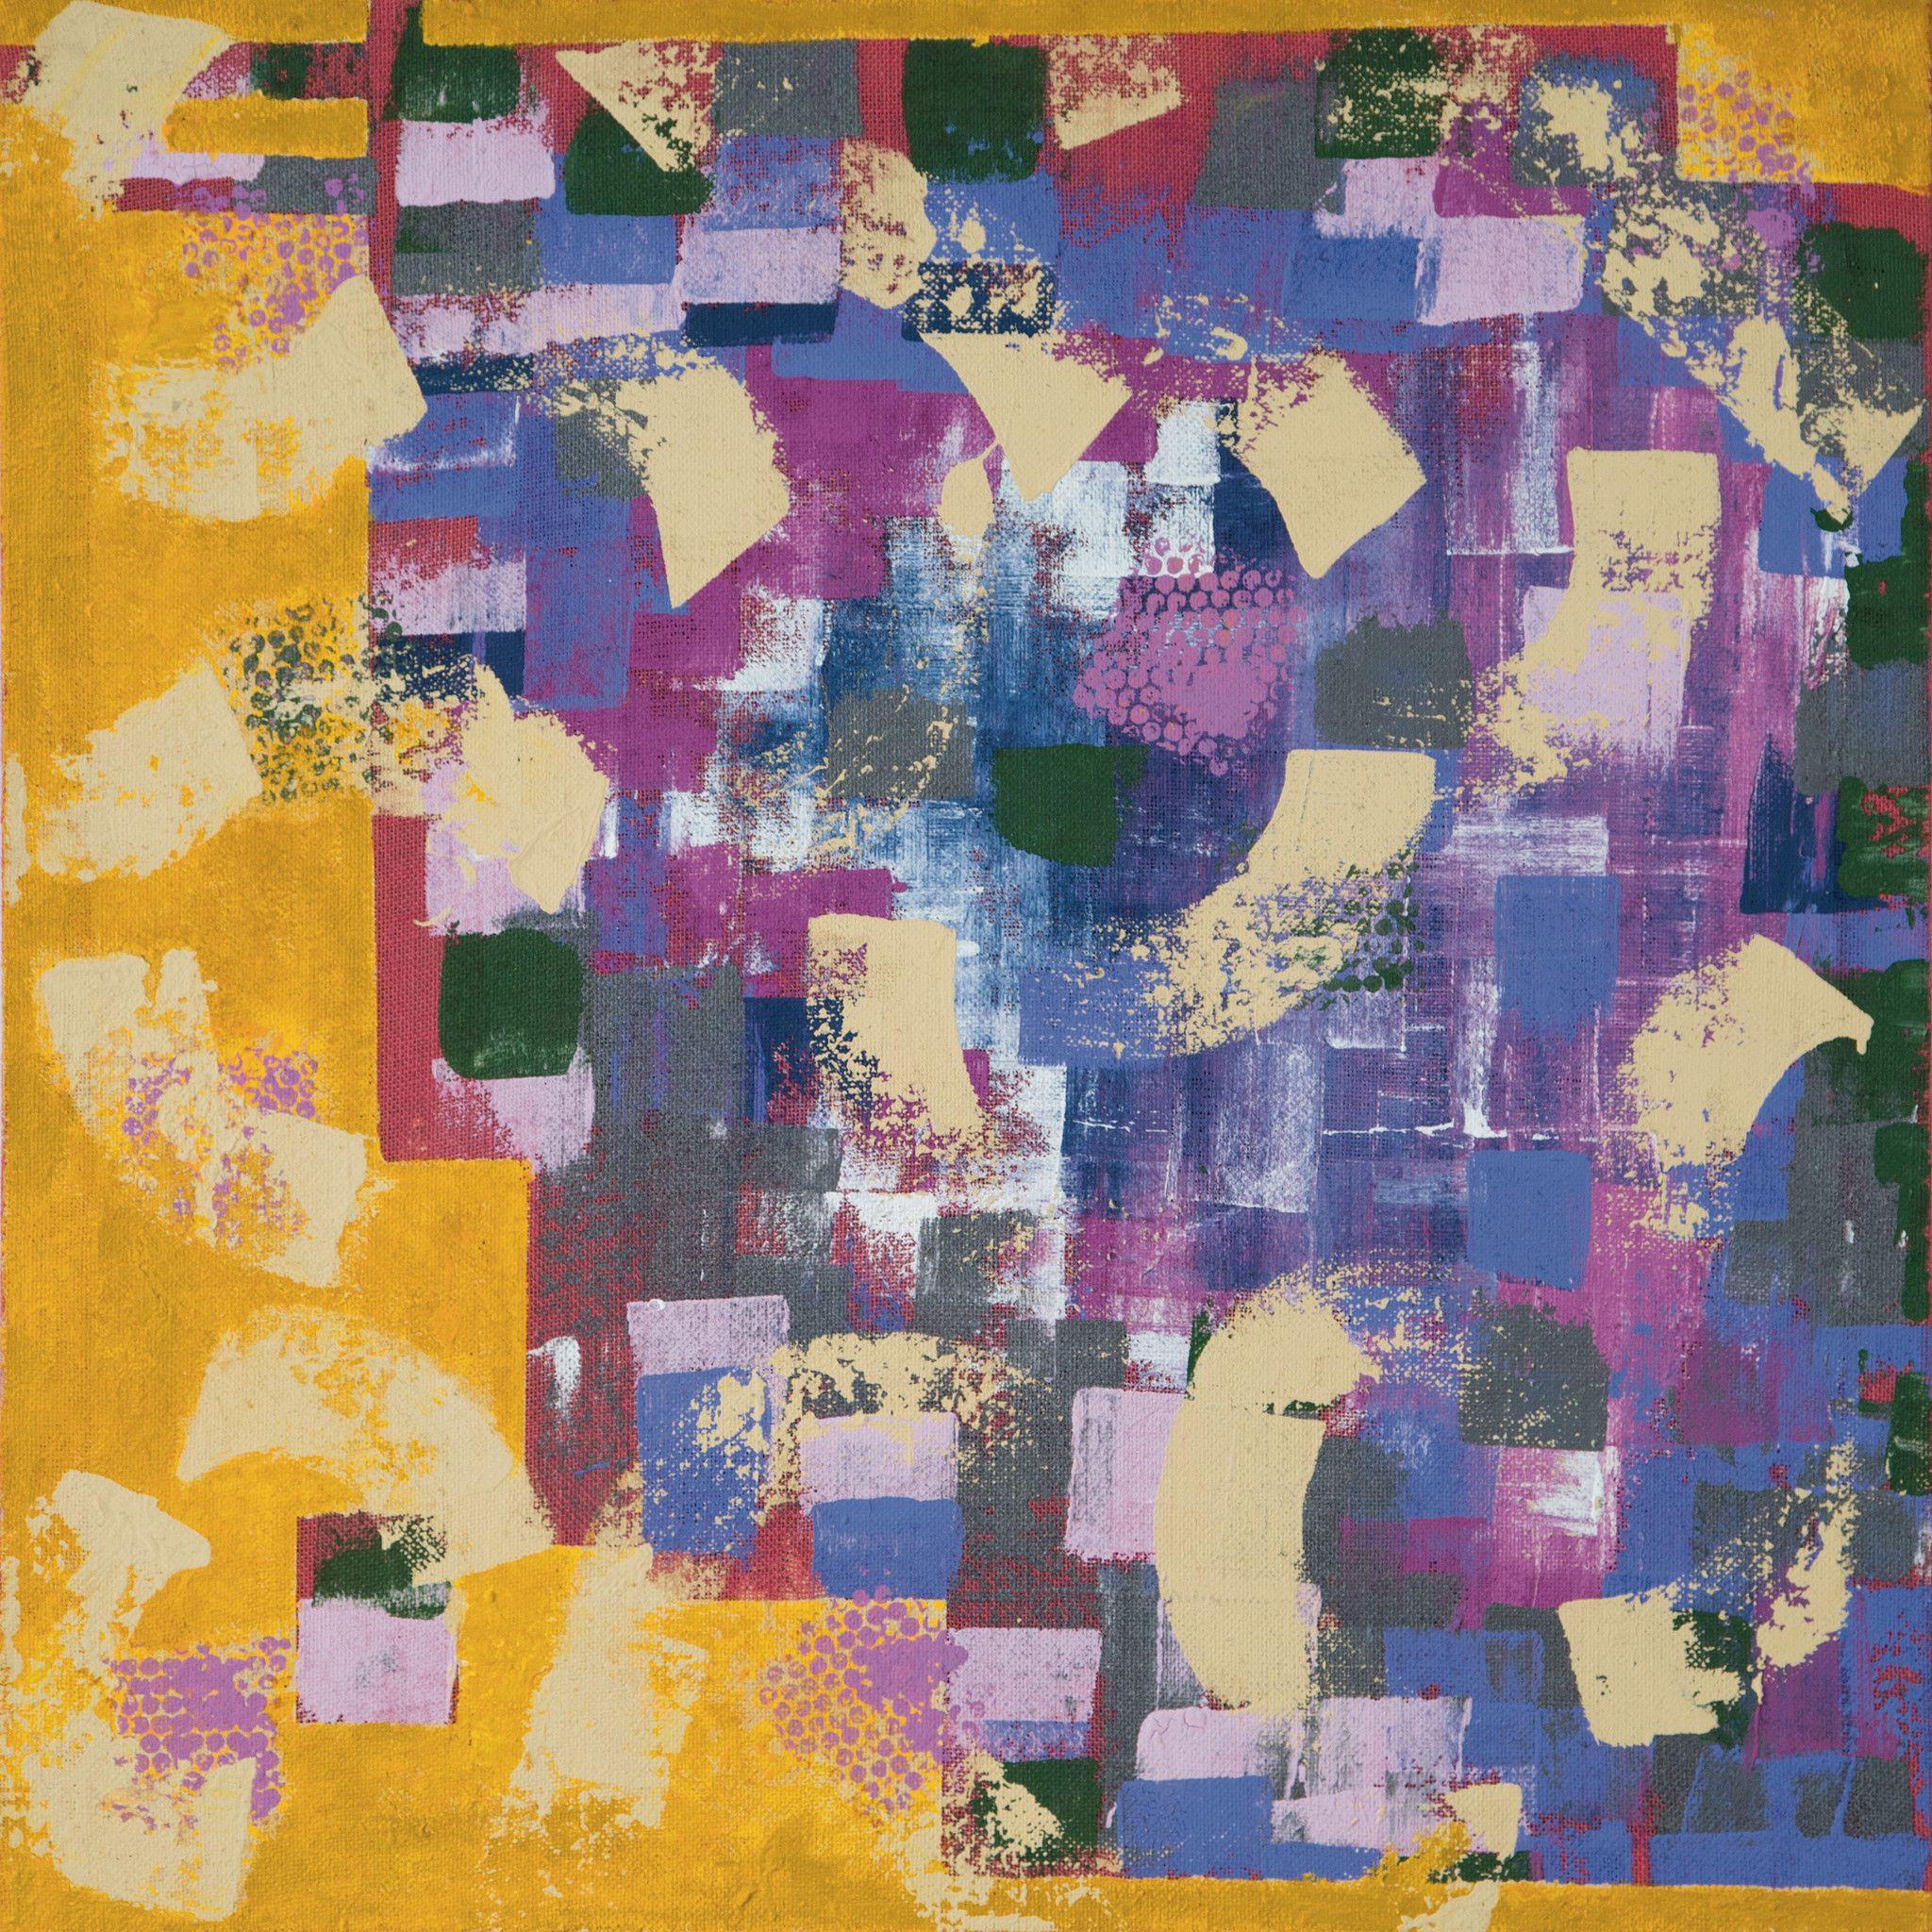 MIXED MEDIA SU JUTA FEOFEO 'MENTAL FIELDS' dimensioni L 98 x 98 cm.